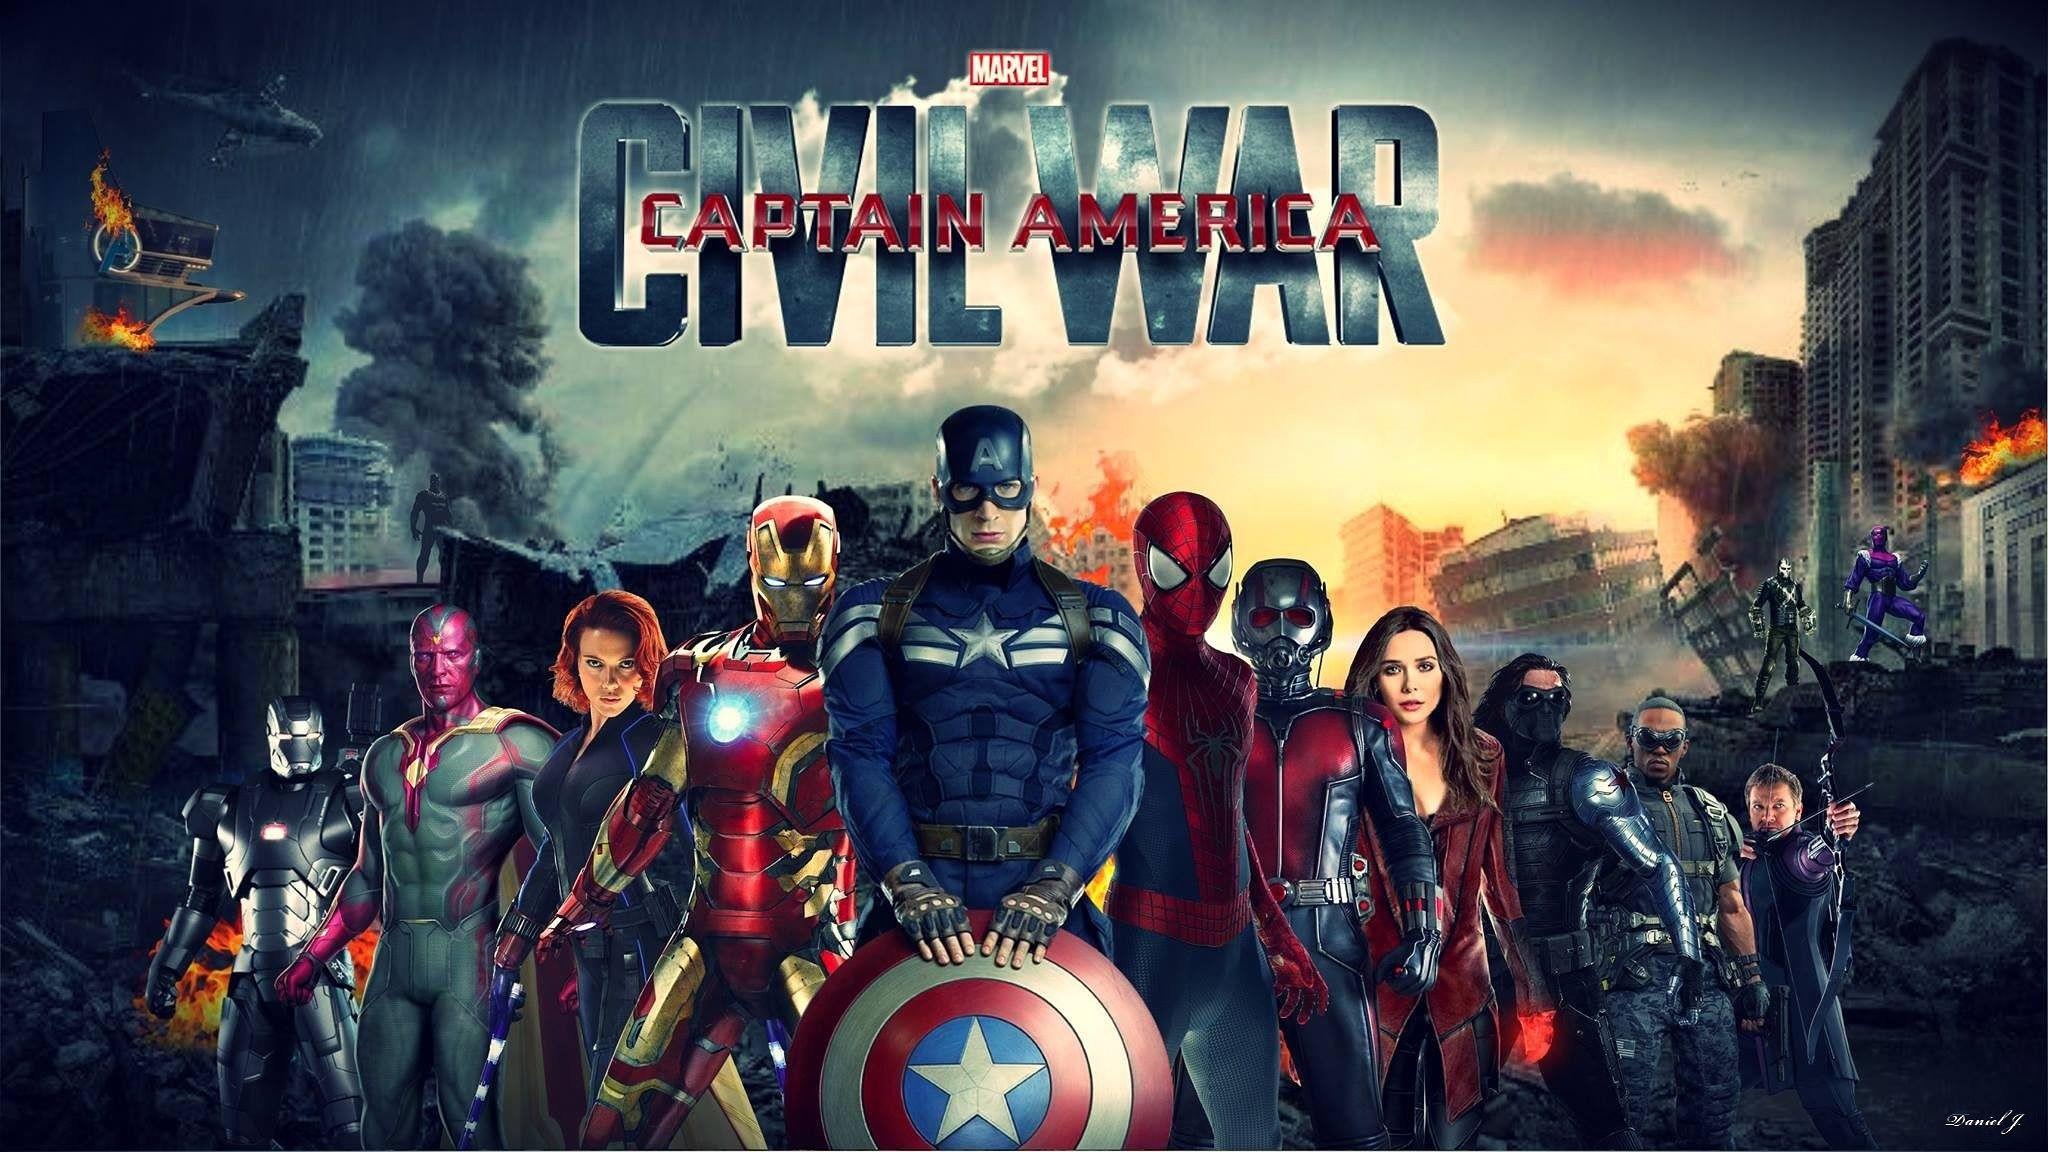 Captain America Civil War Movie Costumes